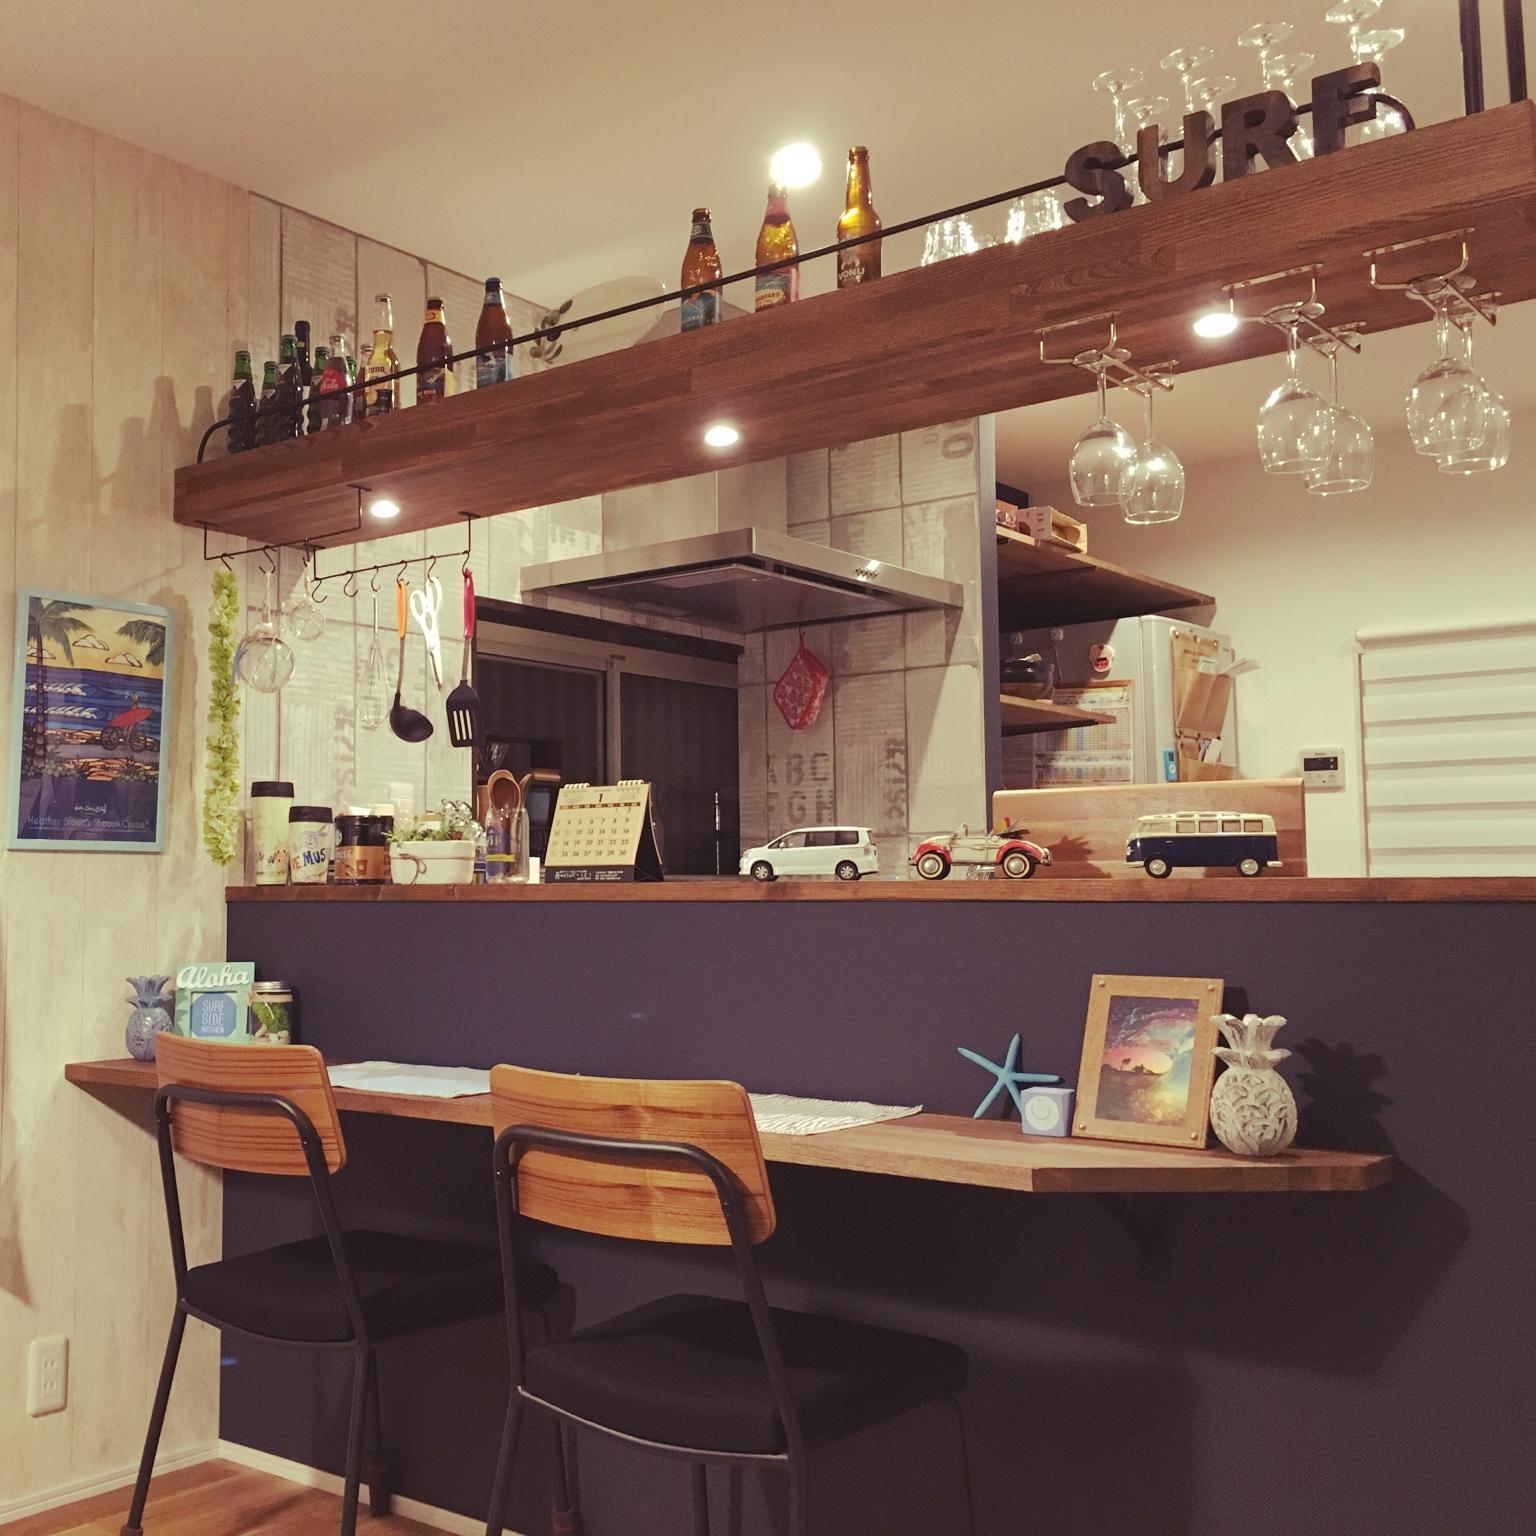 生活スタイルに合わせたステキなキッチン間取りを考えてみよう♪のサムネイル画像